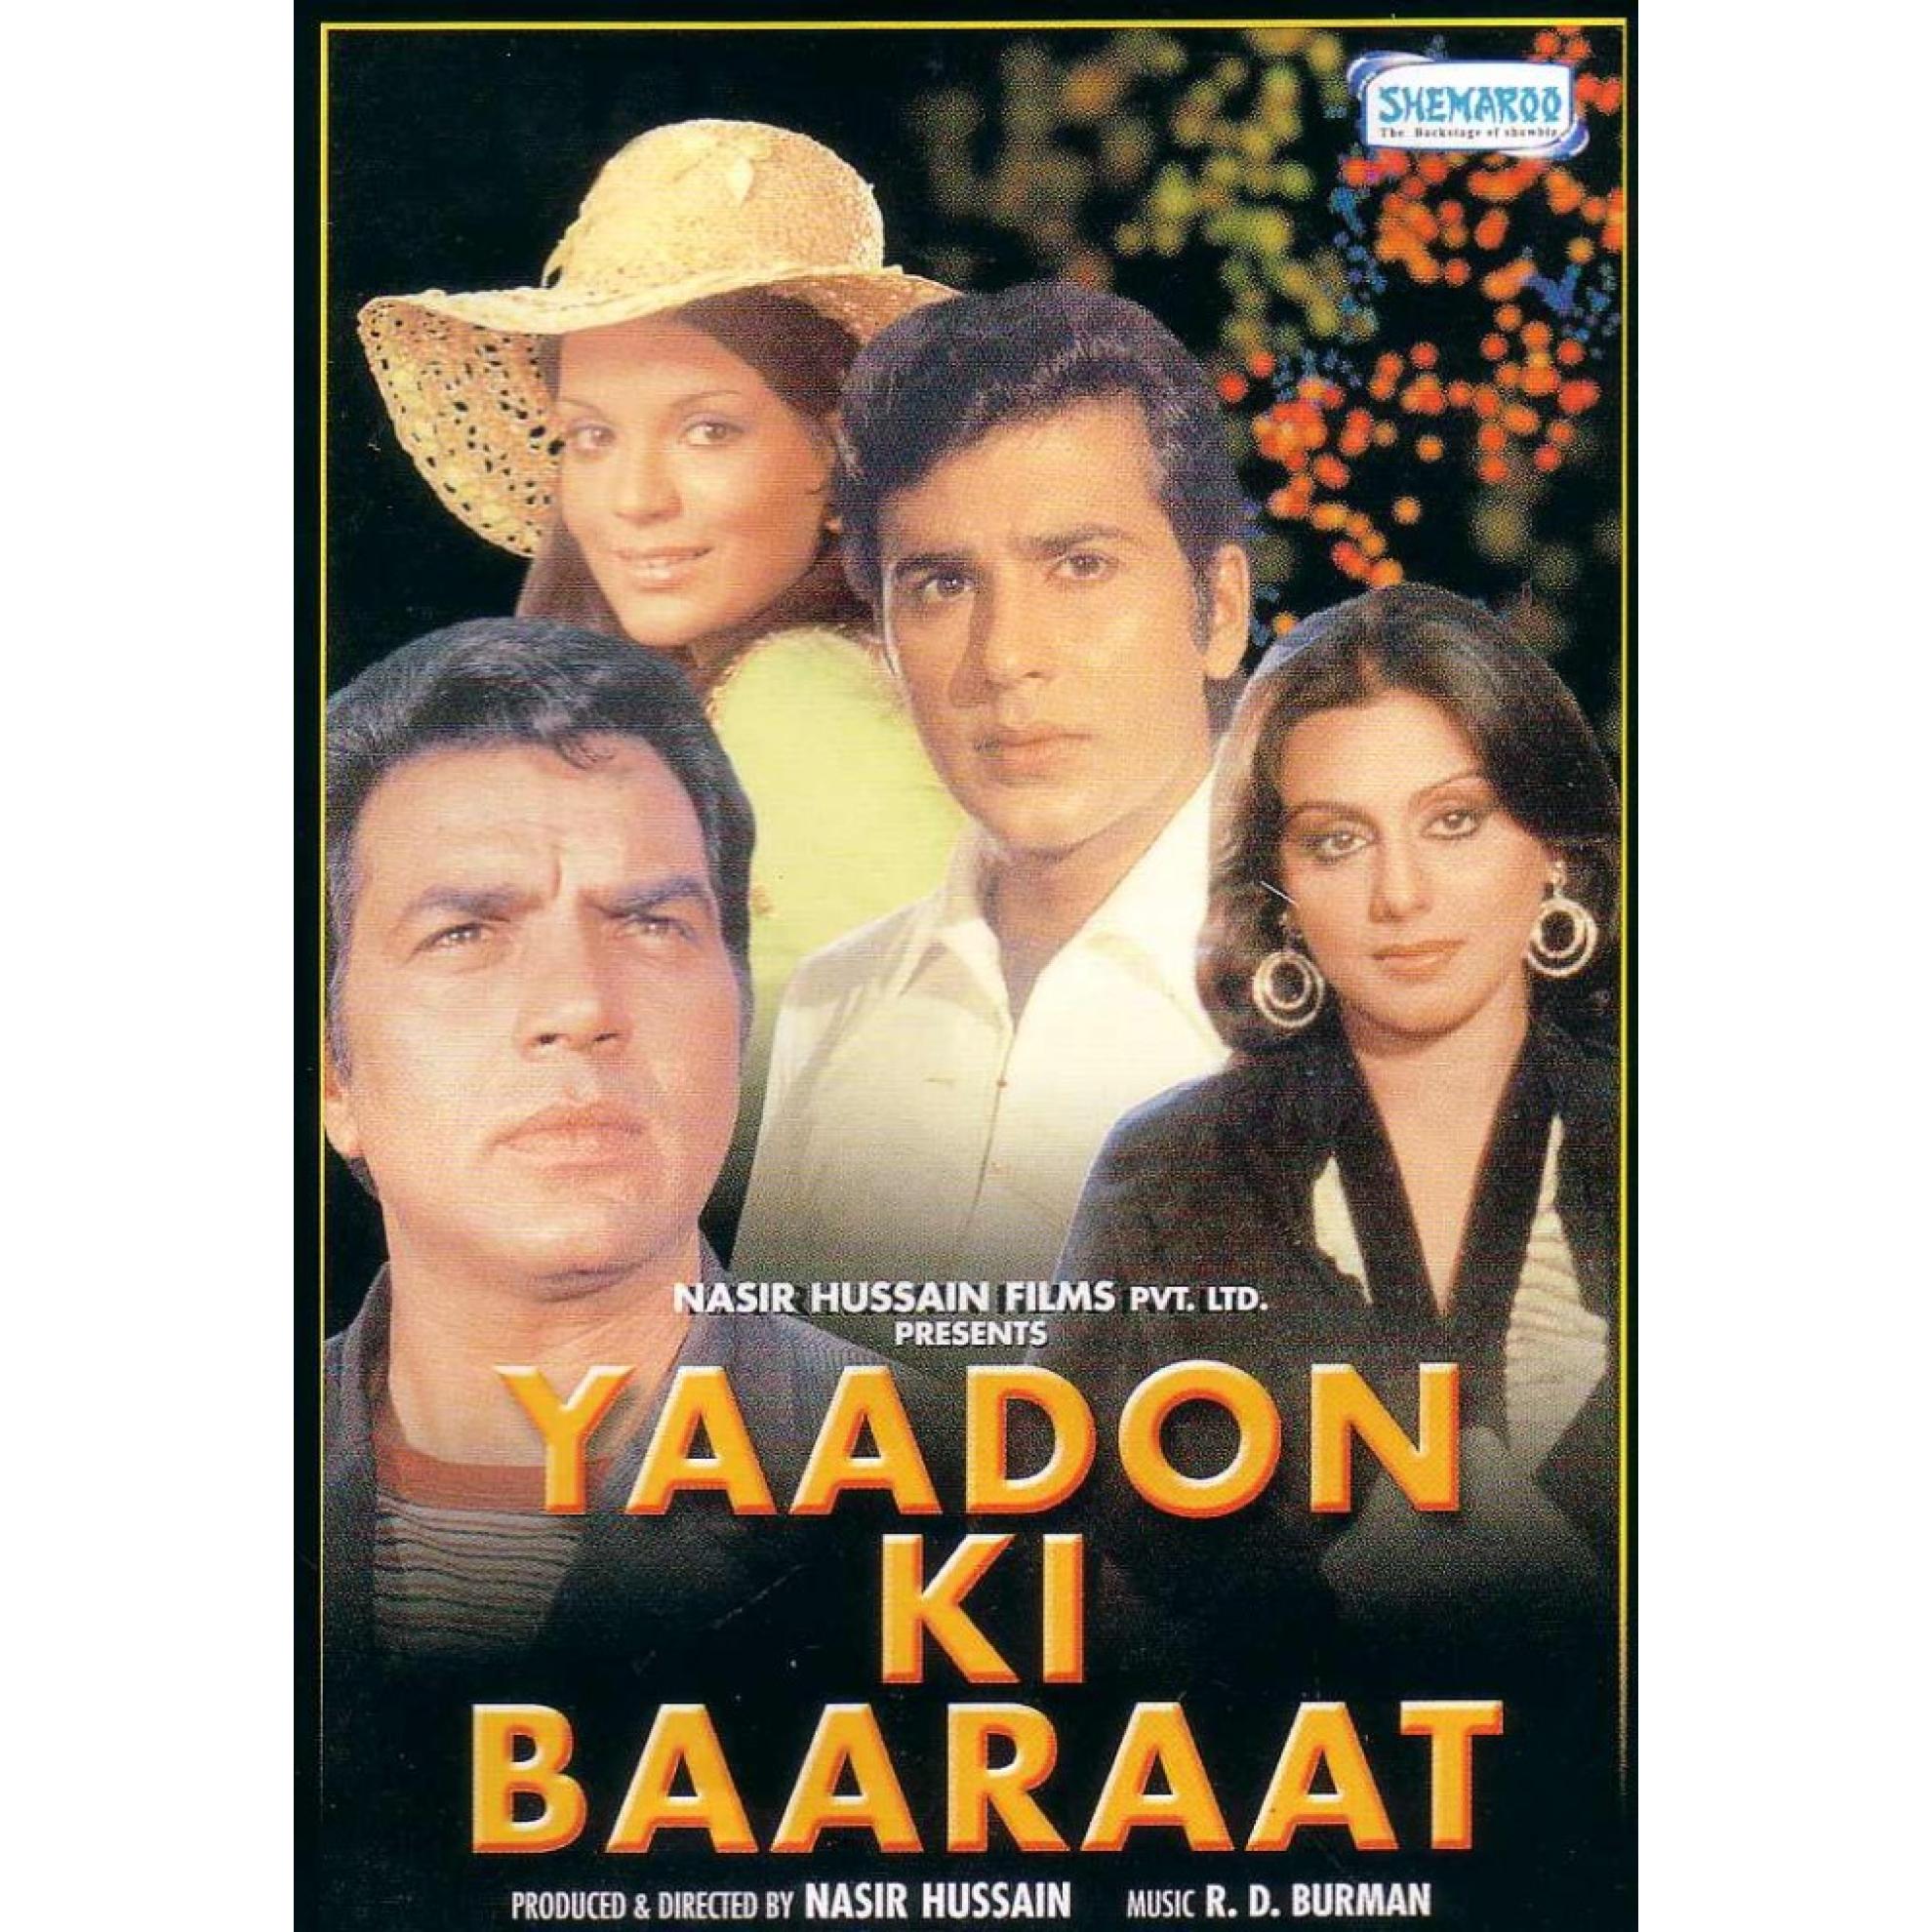 Yaadon Ki Baarat  DVD   Yaadon Ki Baaraat Poster